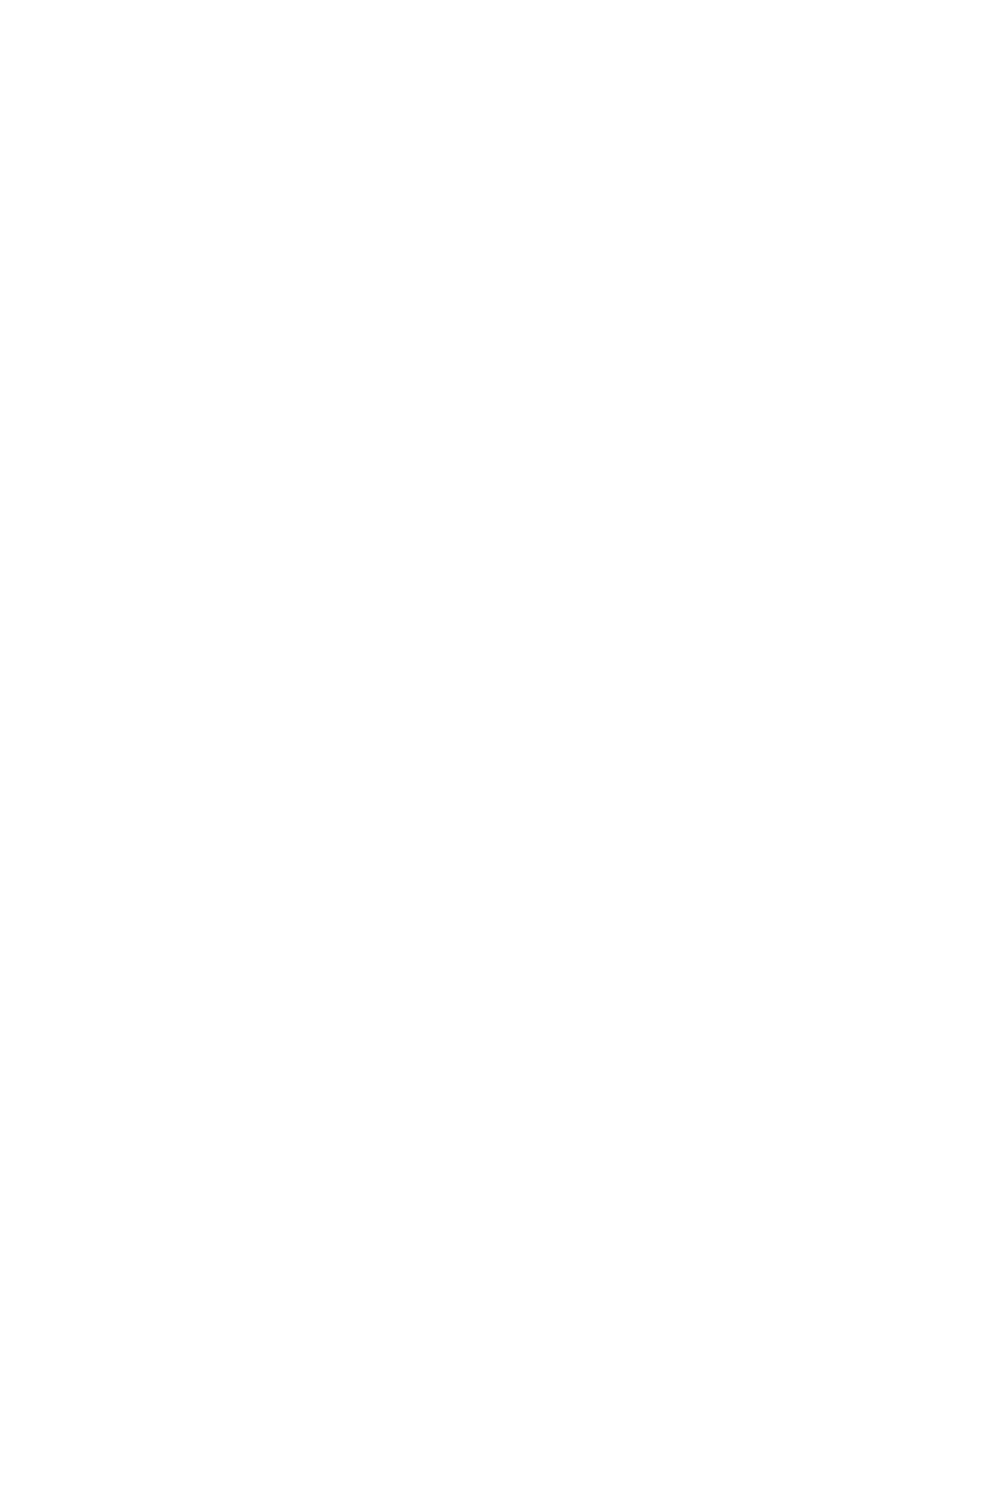 una introduccion al uso de portafolios en el aula by cristian una introduccion al uso de portafolios en el aula by cristian manrique issuu